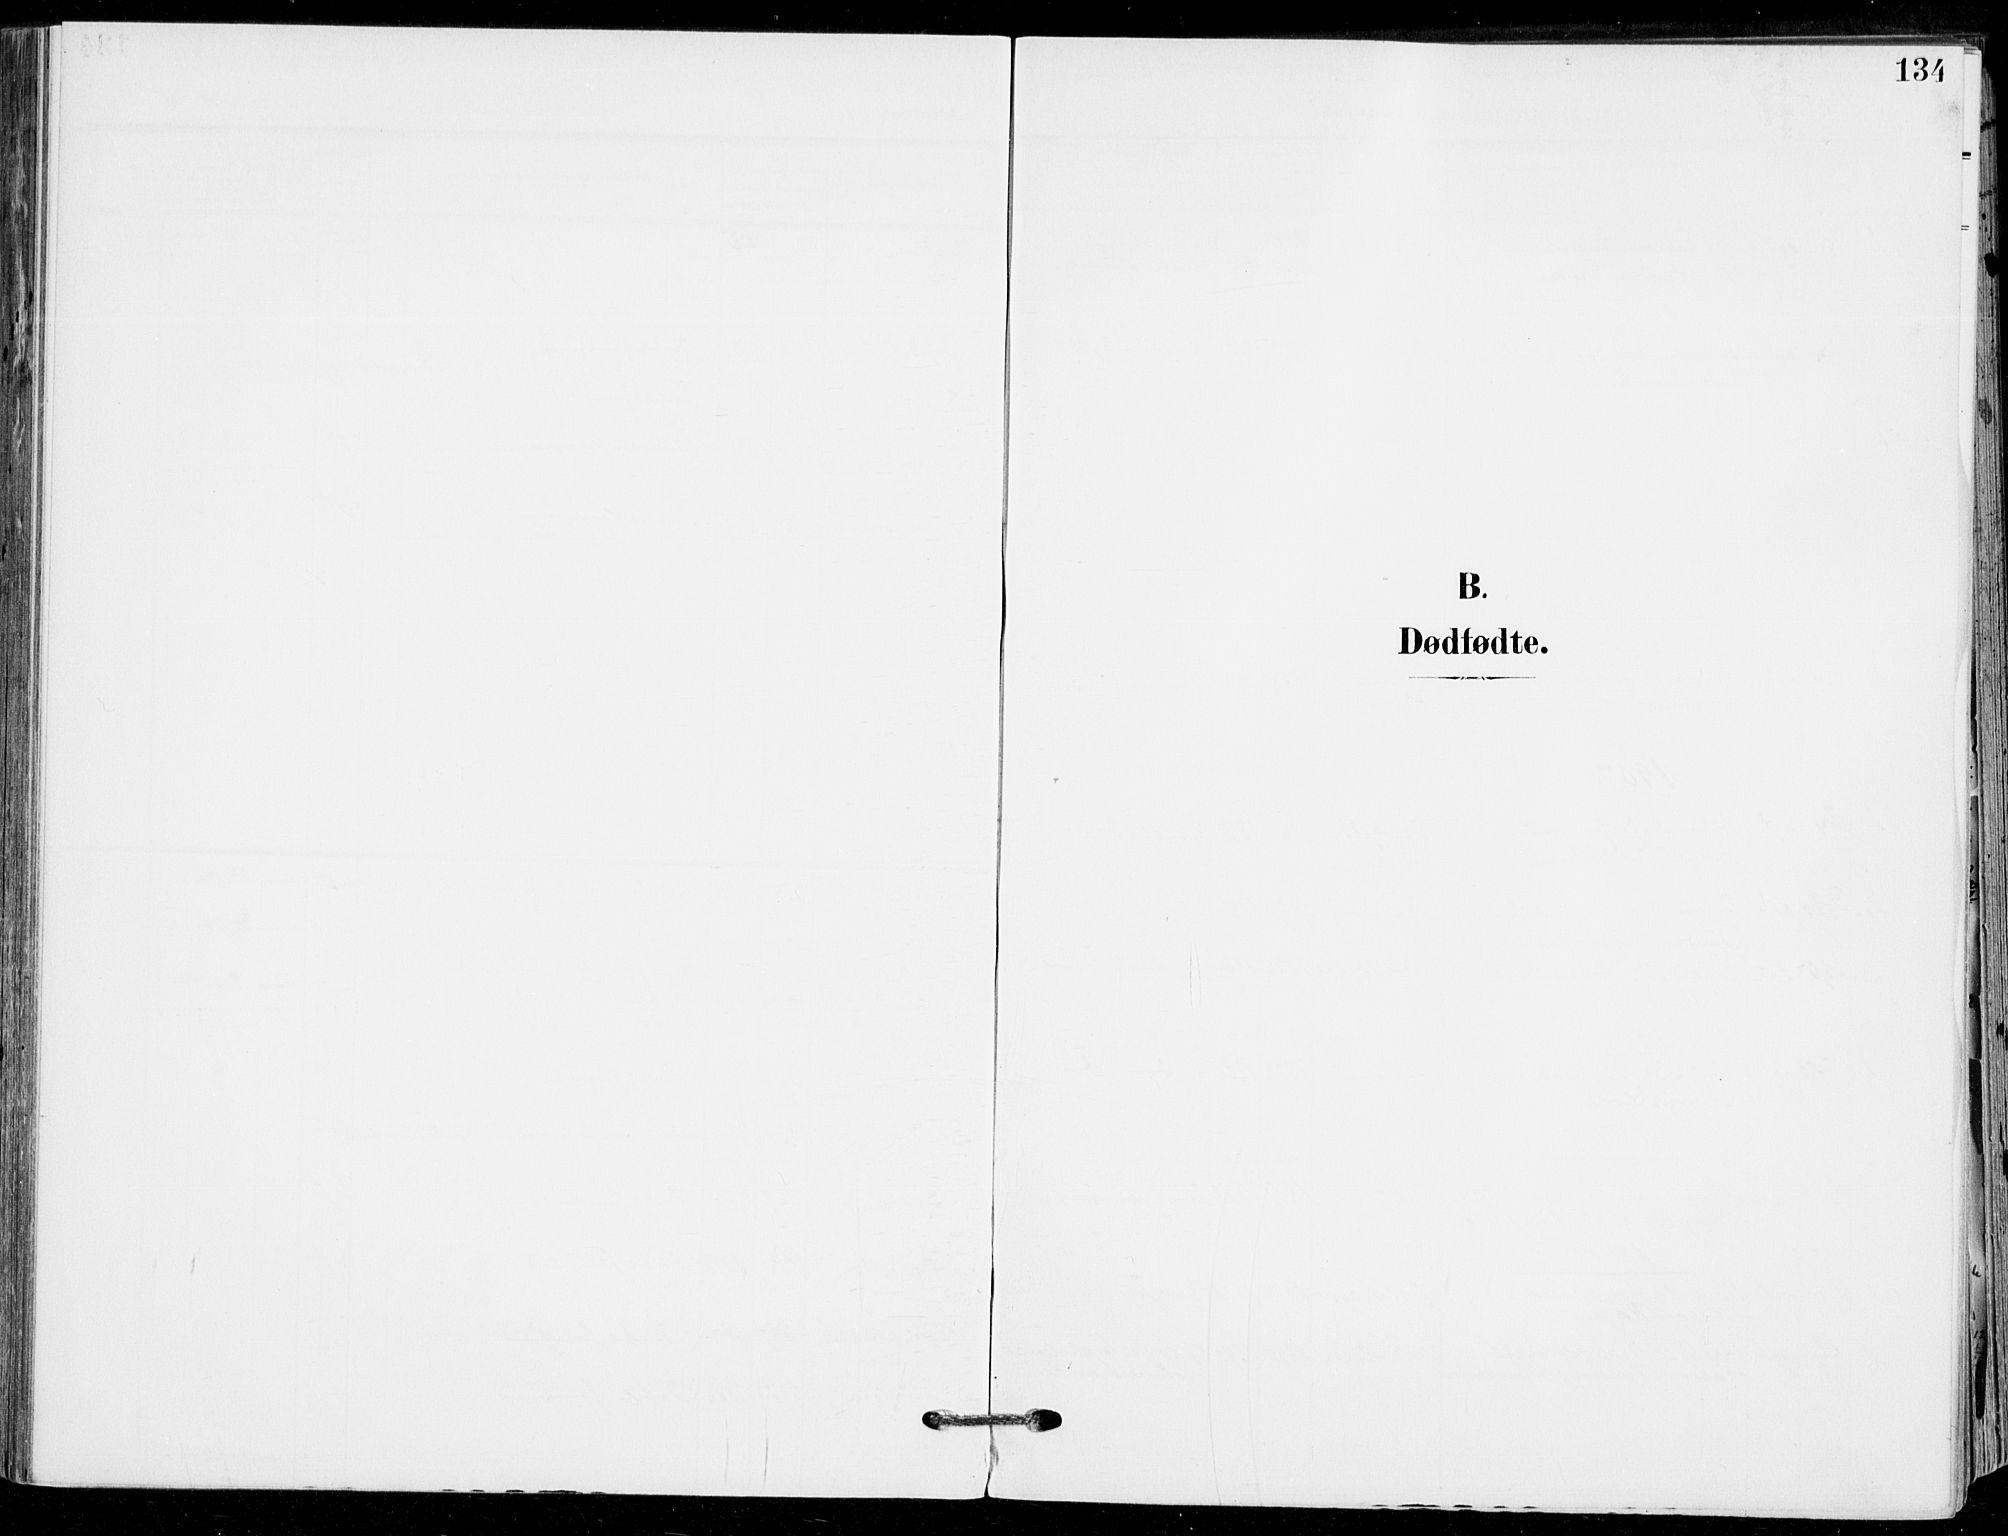 SAKO, Sande Kirkebøker, F/Fa/L0008: Ministerialbok nr. 8, 1904-1921, s. 134